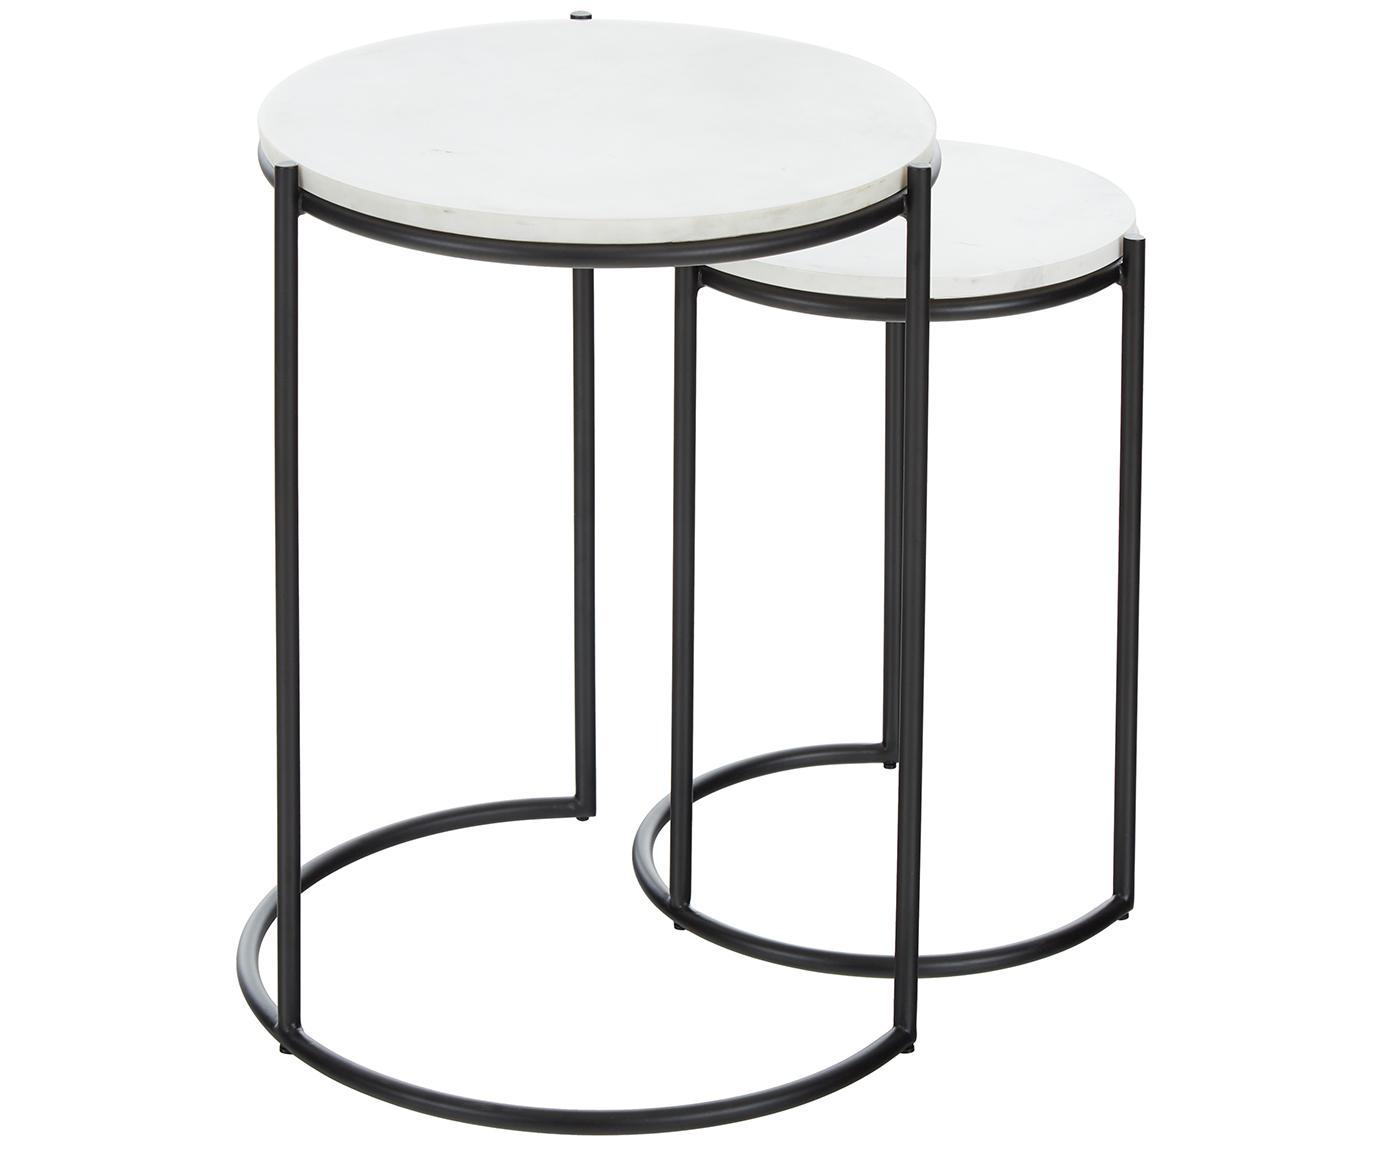 Set de mesas auxiliares de mármol Ella, Tablero: mármol natural, Estructura: metal con pintura en polv, Mármol blanco, negro, Tamaños diferentes